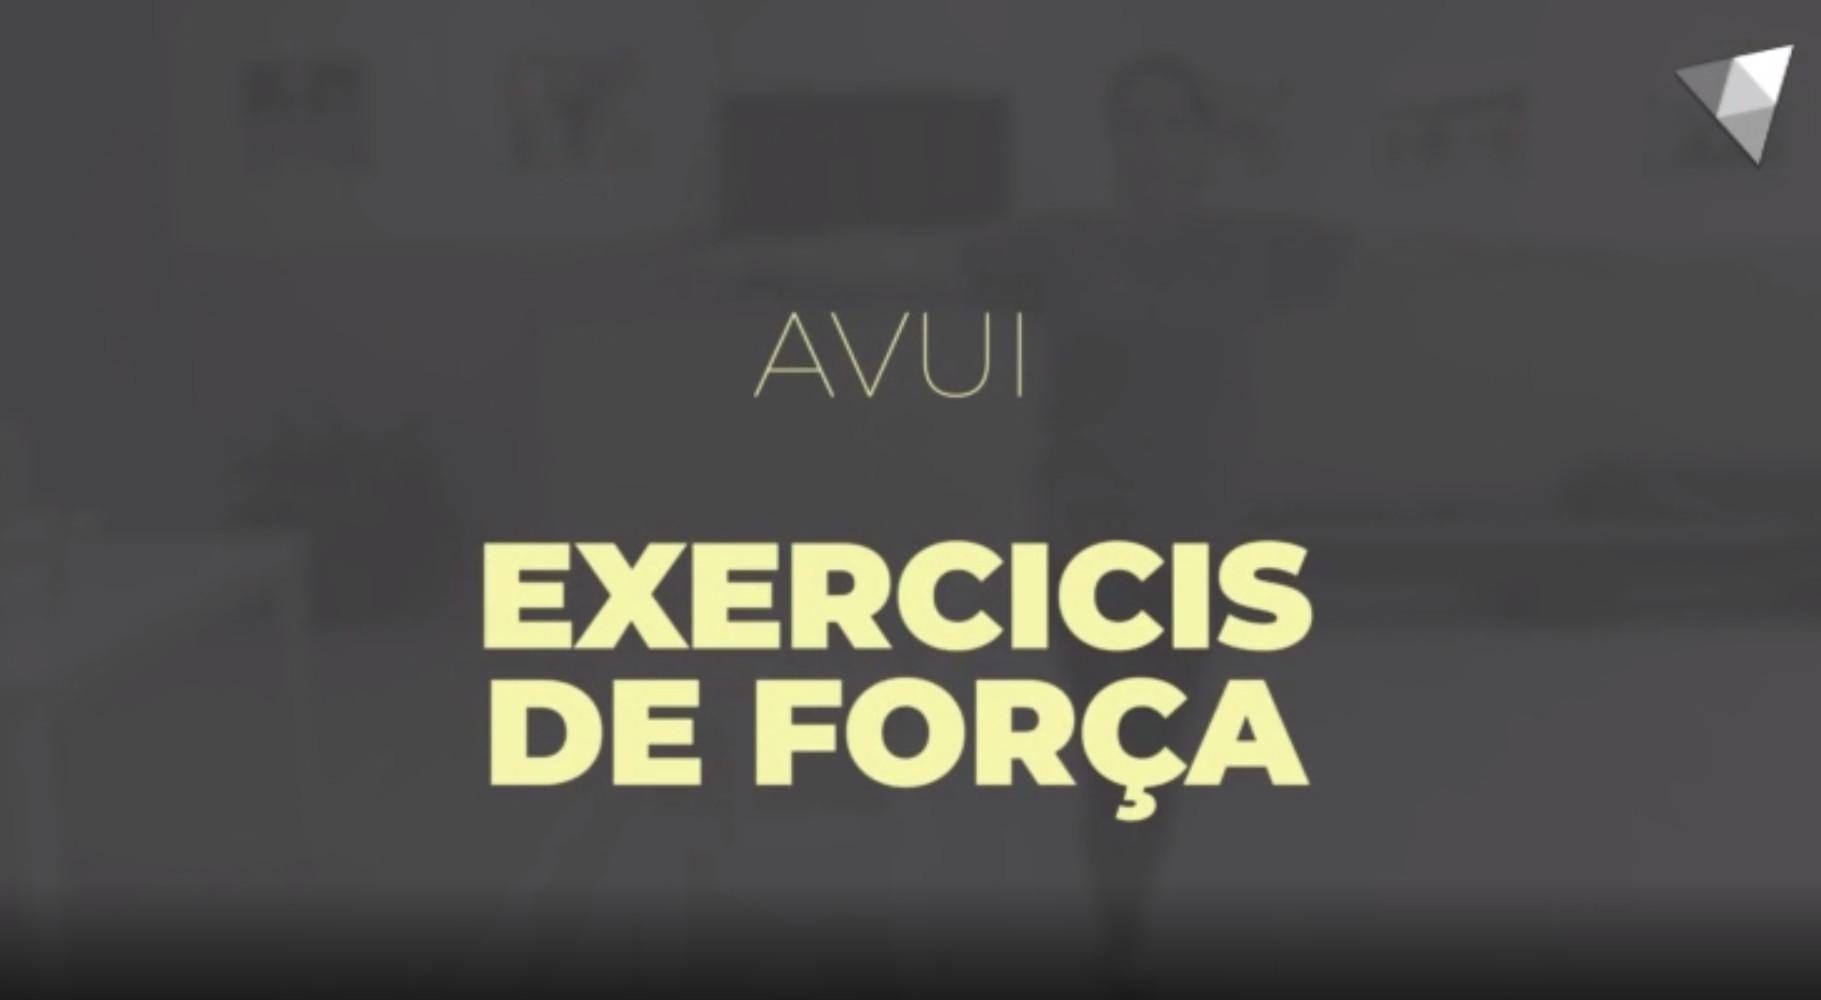 2 - Exercicis de força